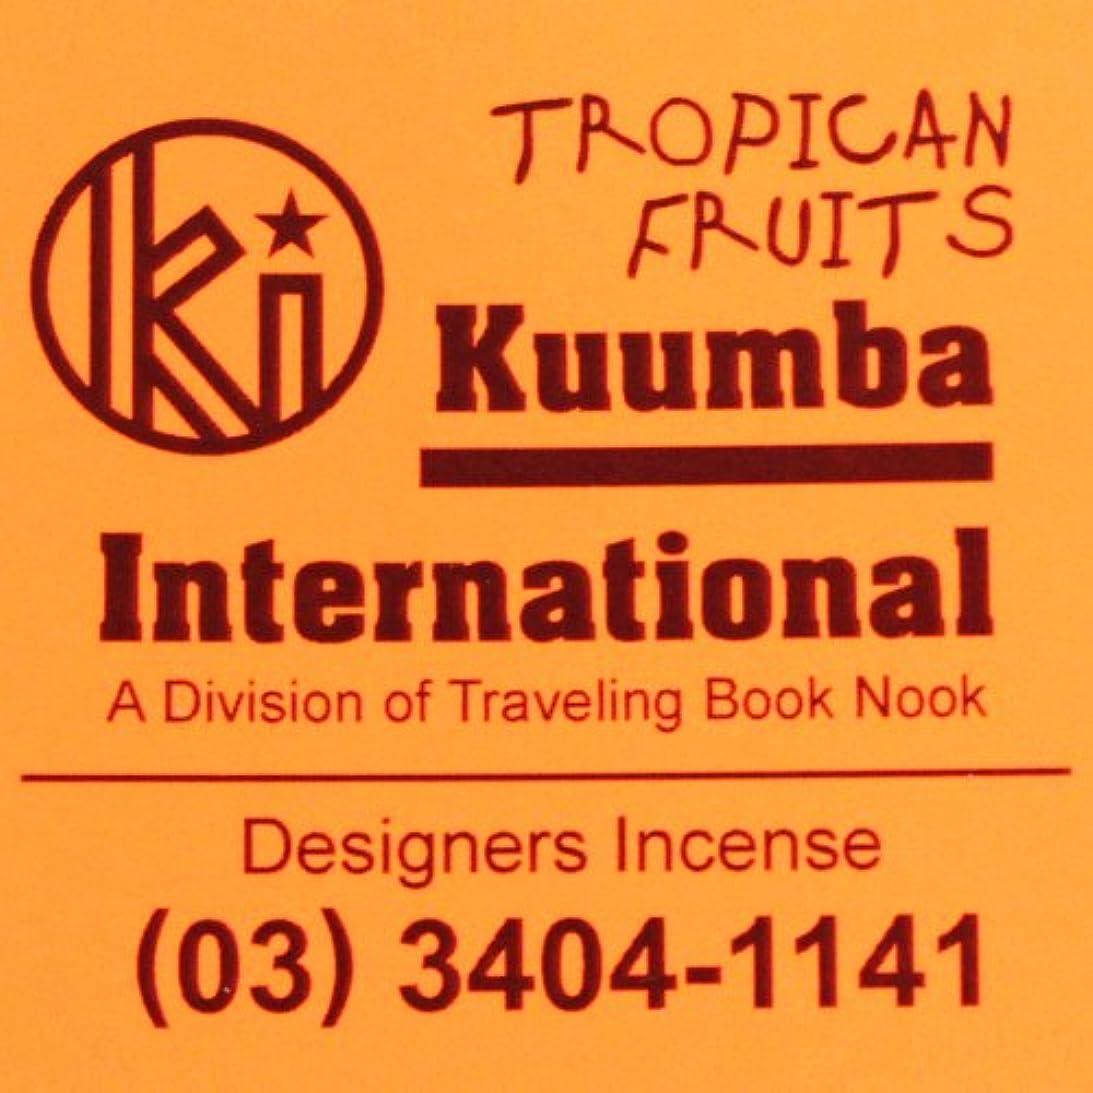 会話型約に対処するKUUMBA (クンバ)『incense』(TROPICAN FRUITS) (Regular size)